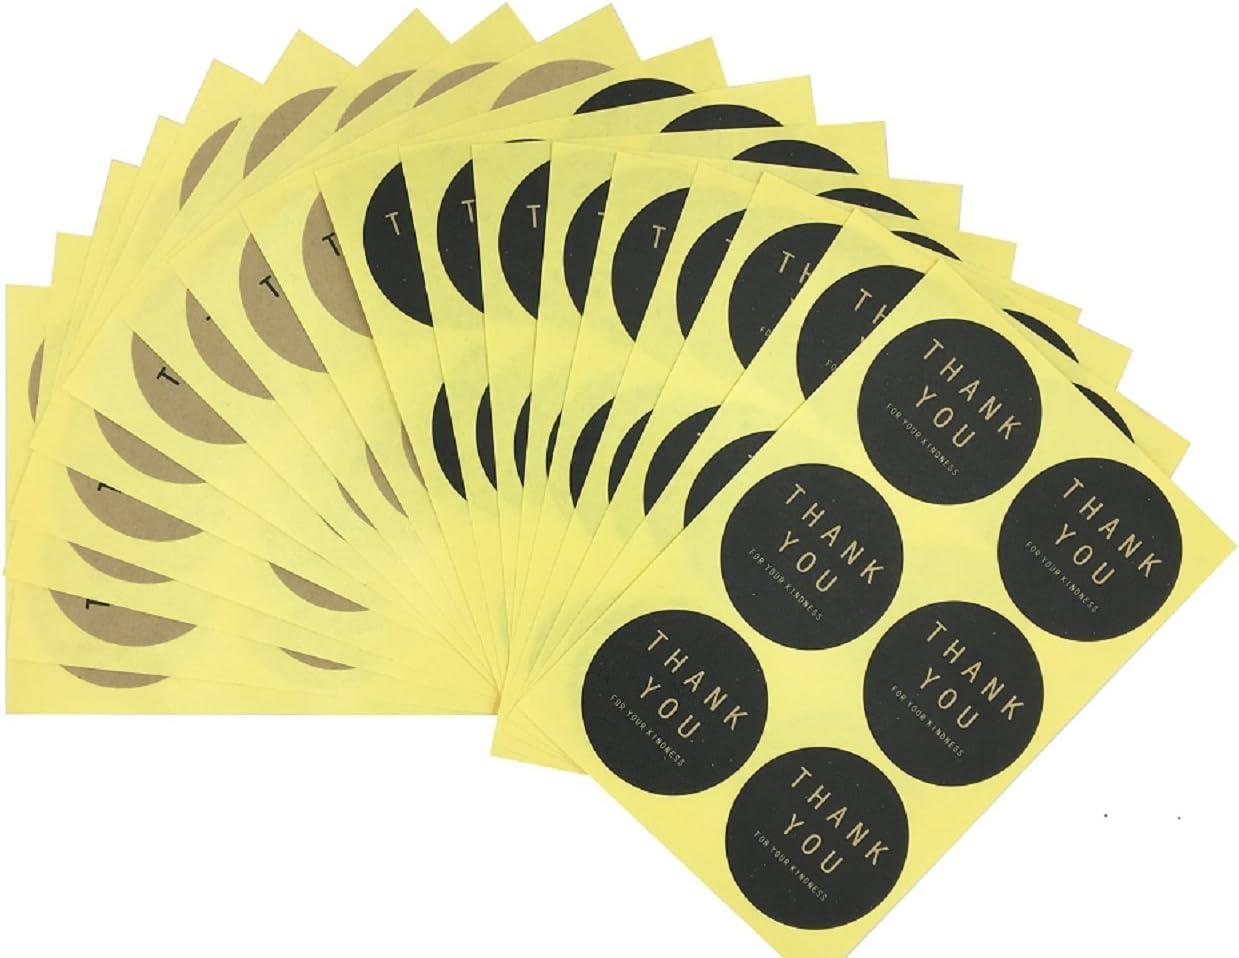 100/Thank You /étiquettes /à pois blancs Autocollant plastique Sacs Cookie pour le cadeau 200/sacs